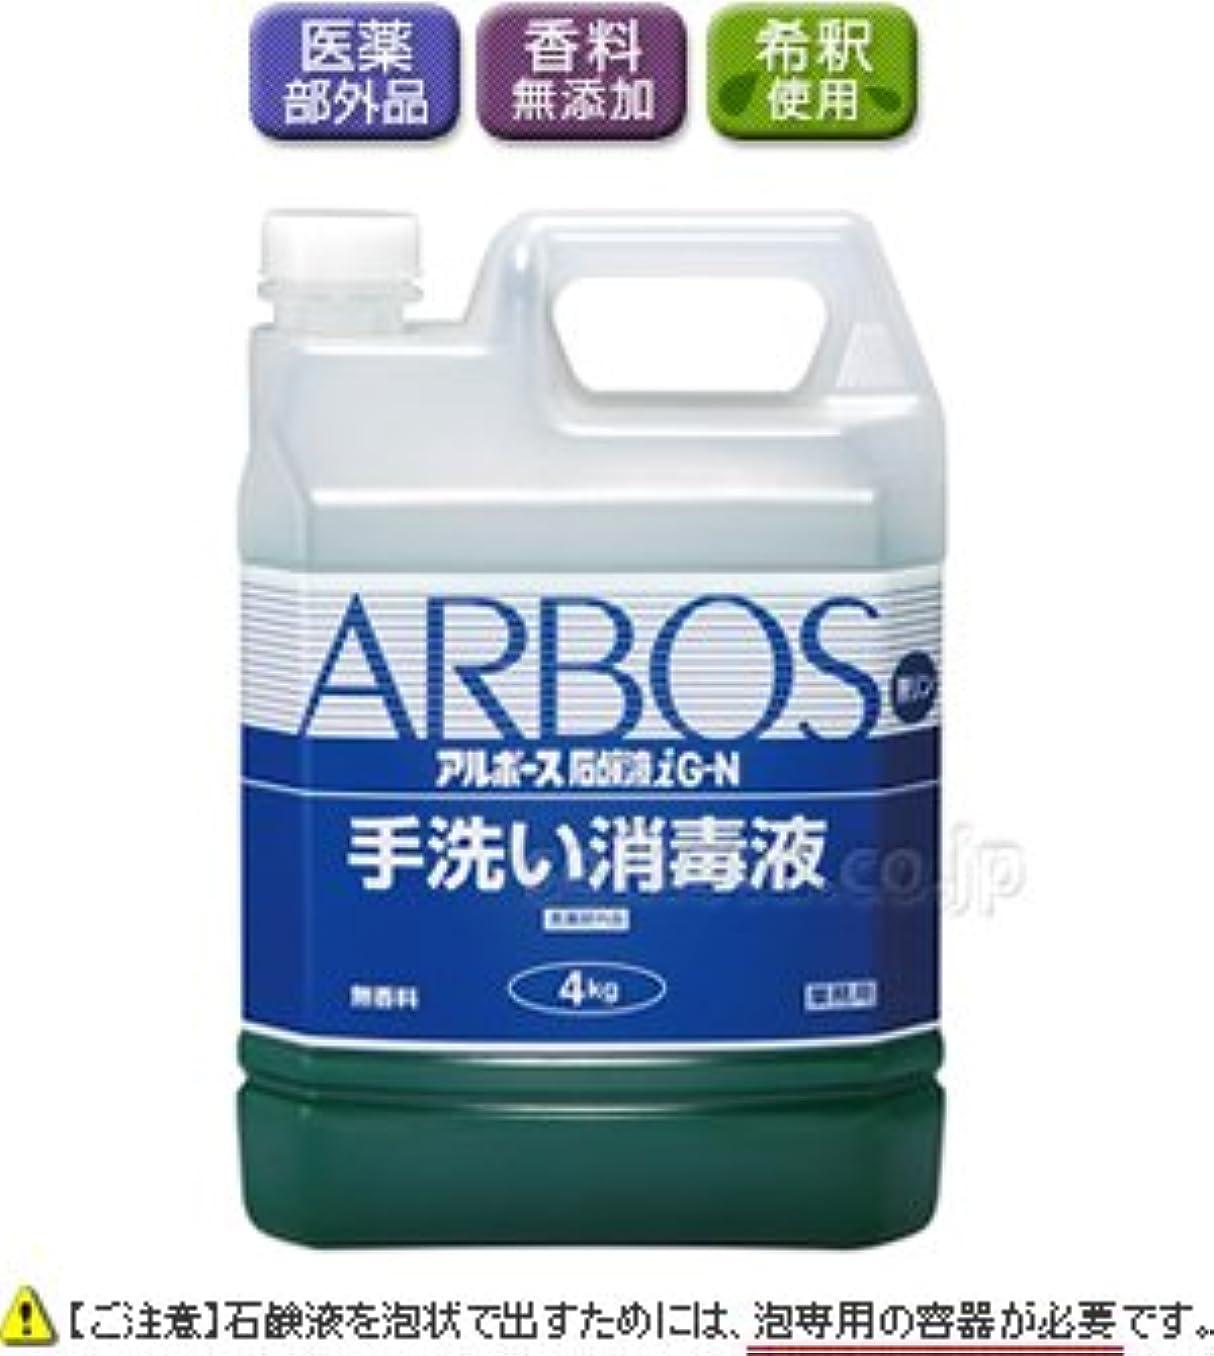 アプライアンスエネルギー垂直【清潔キレイ館】アルボース石鹸液iG-N(4kg×1本)